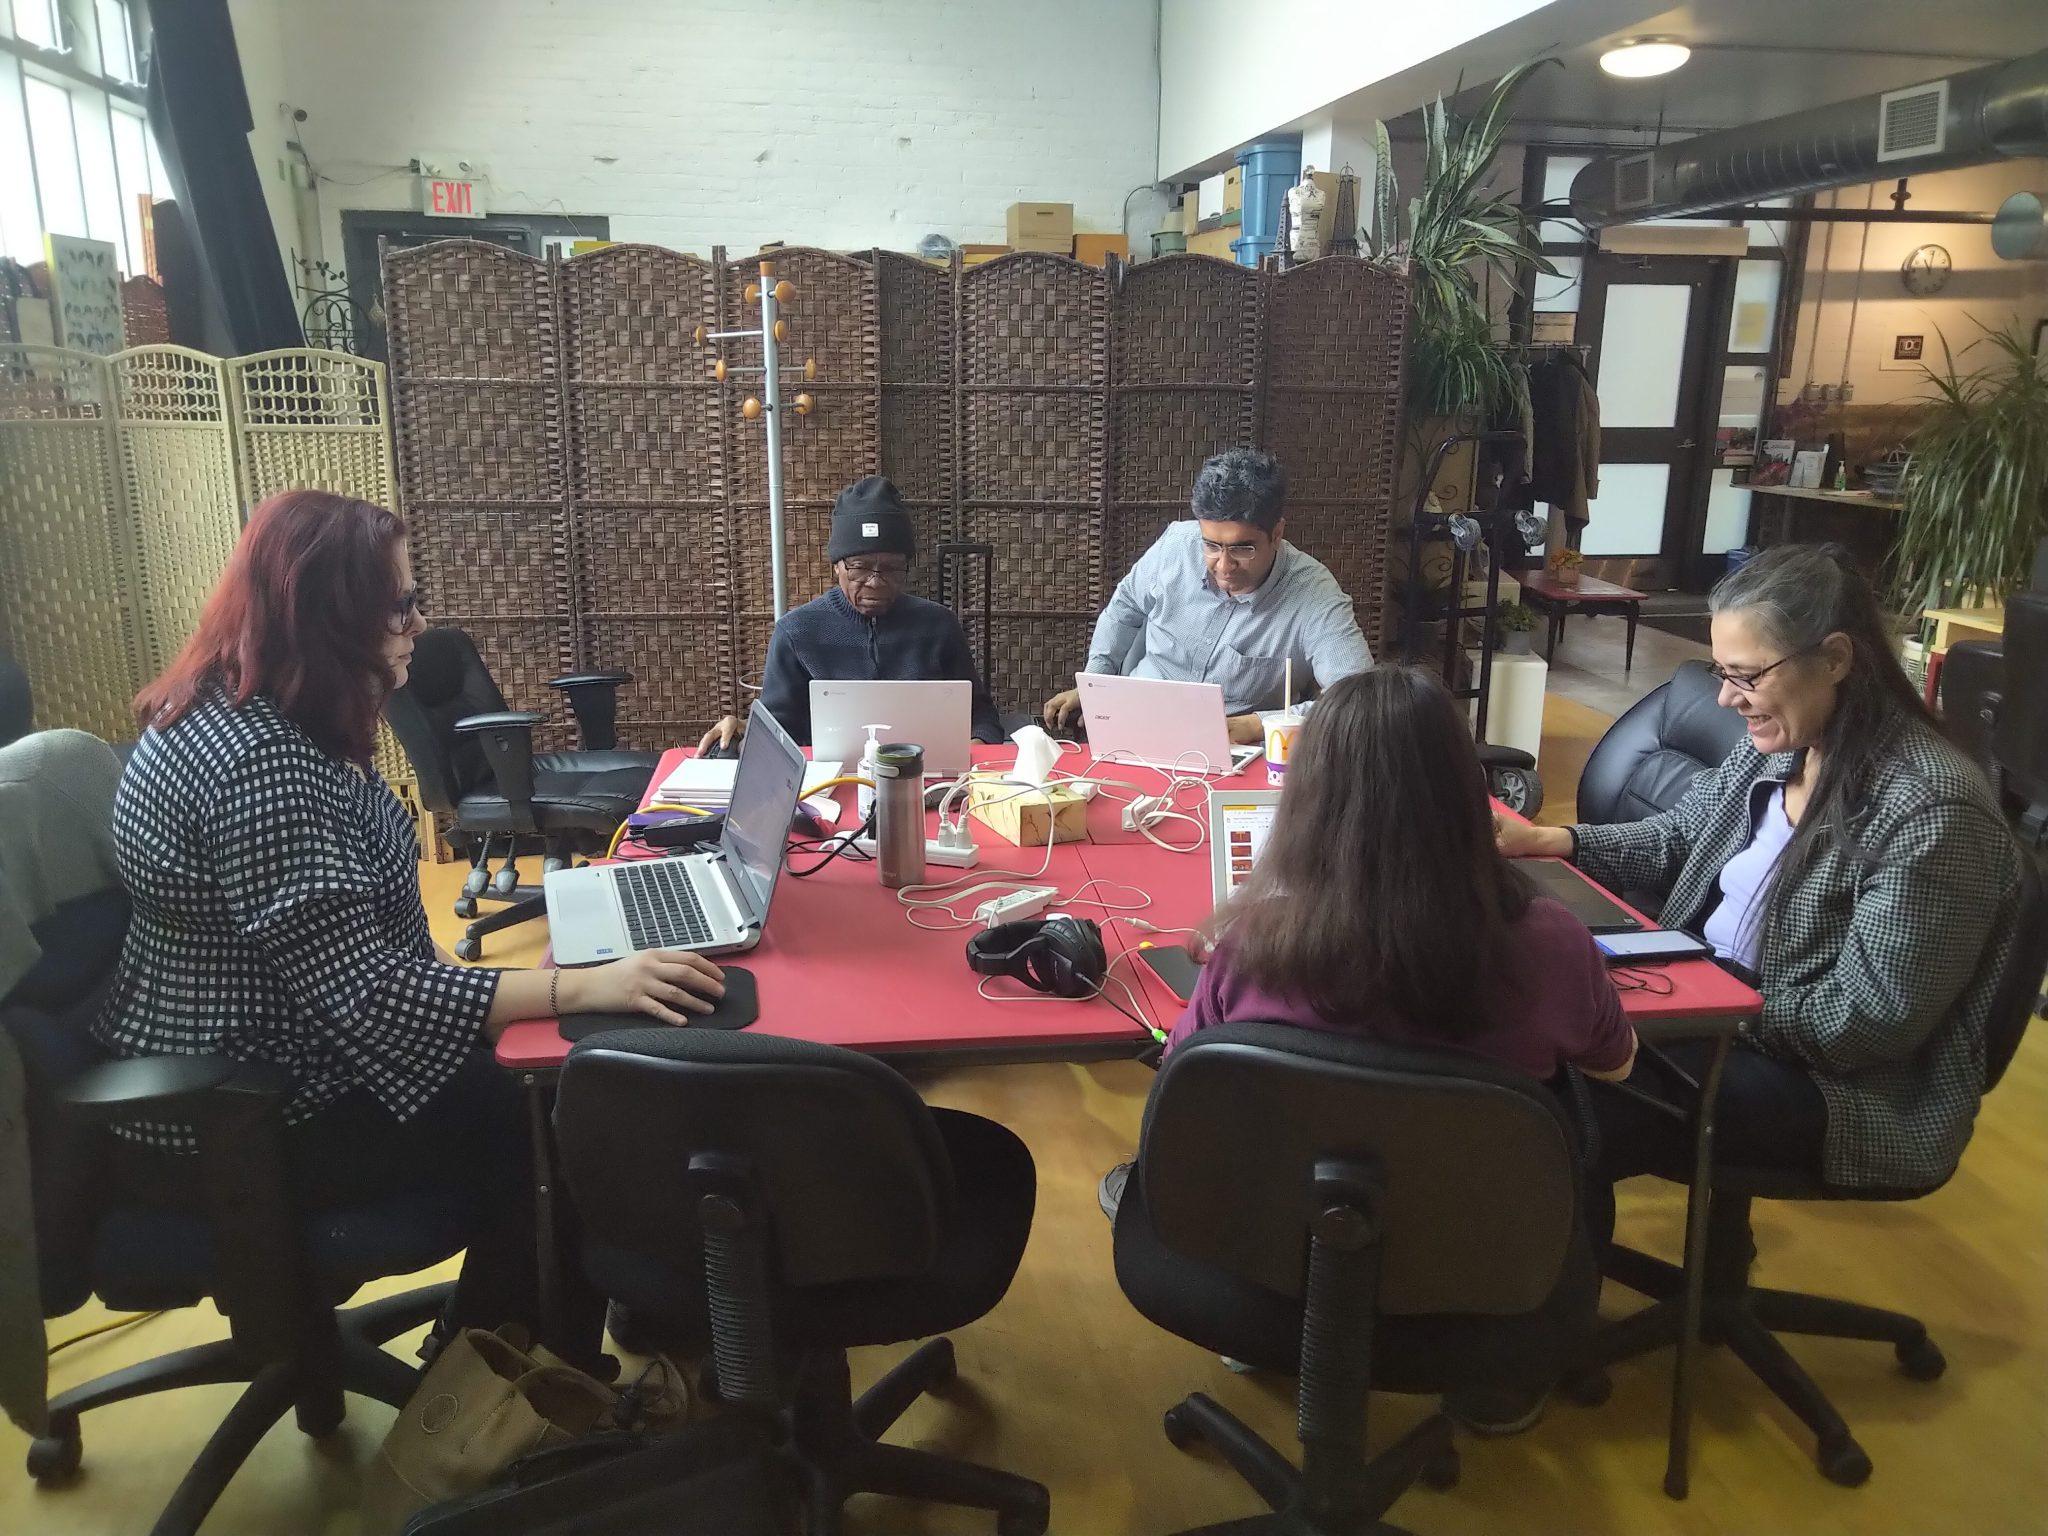 Digital Mentoring Program in progress